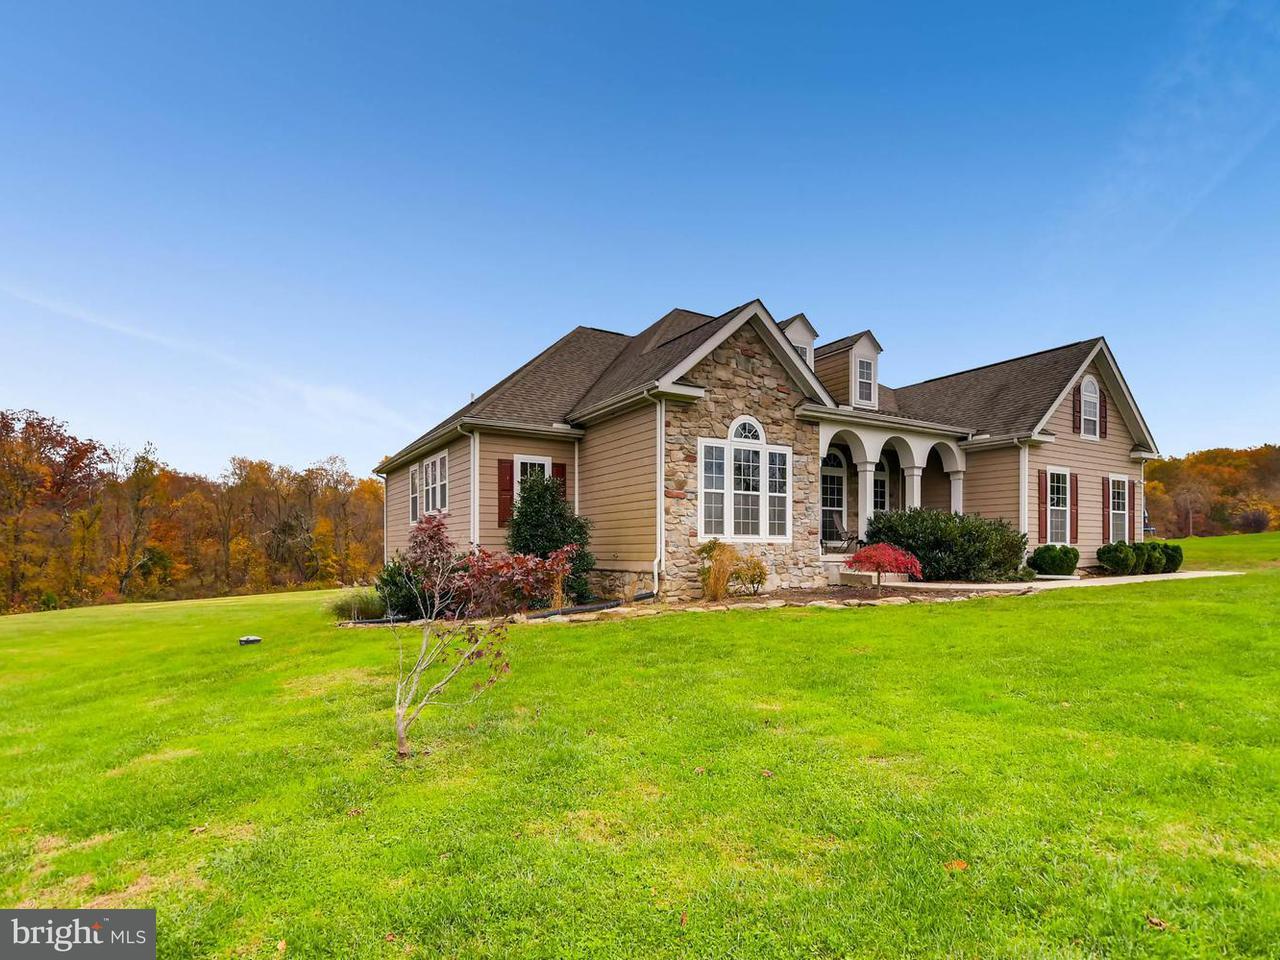 Частный односемейный дом для того Продажа на 836 RIPPLE STREAM Court 836 RIPPLE STREAM Court Joppa, Мэриленд 21085 Соединенные Штаты